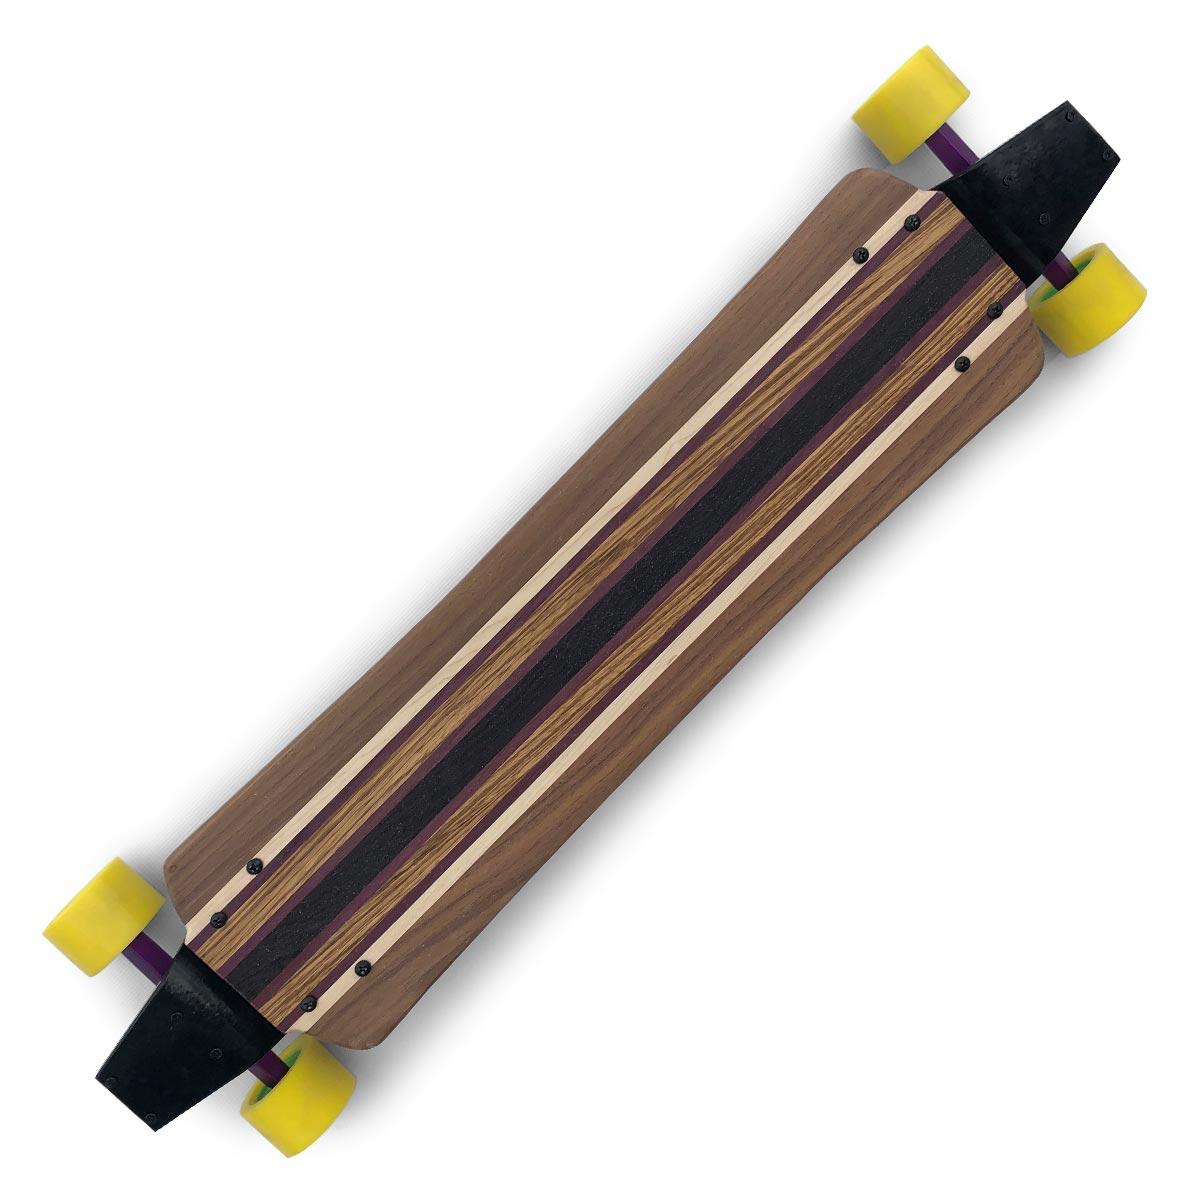 New Titan FSS handcrafted Skateboard 38 in